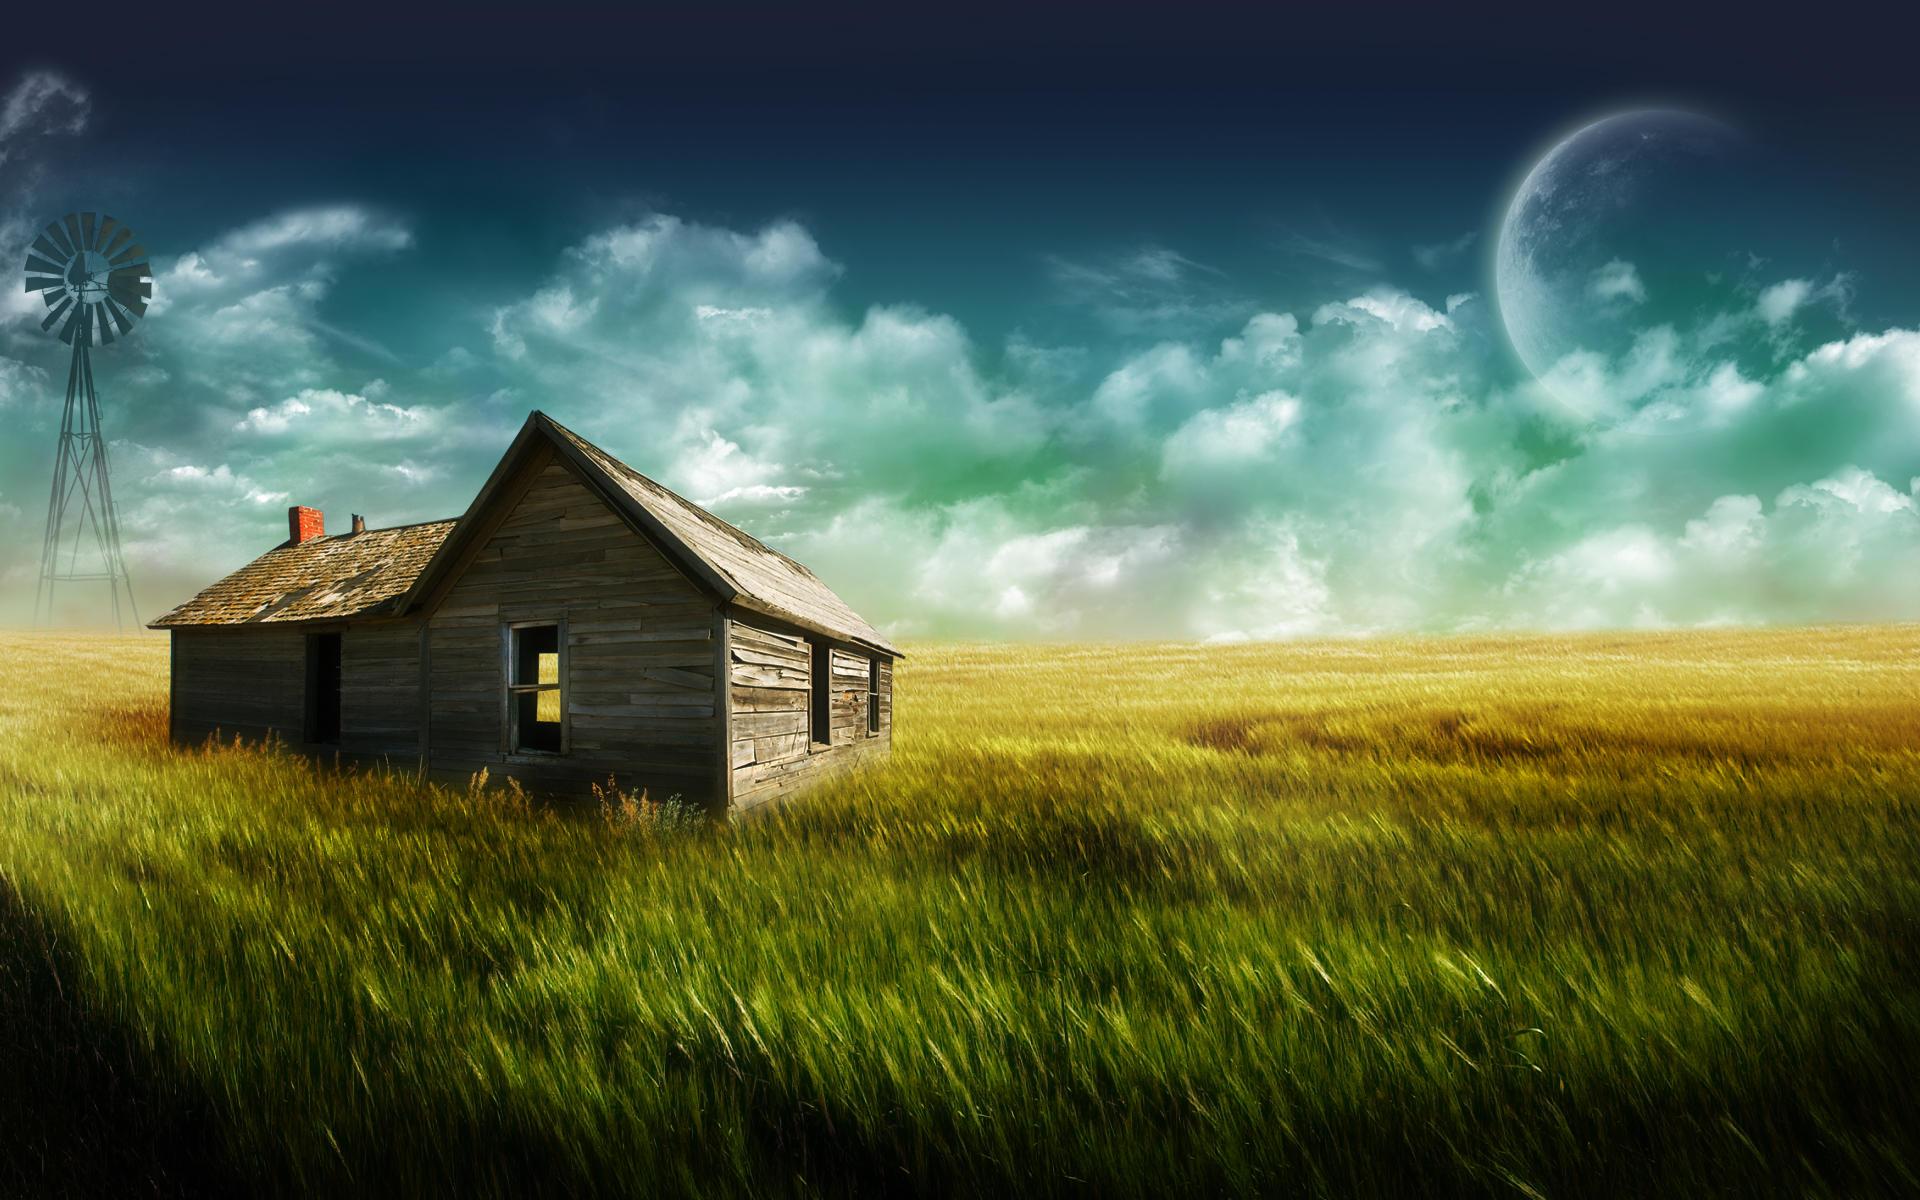 The Old Farm, por nuaHS